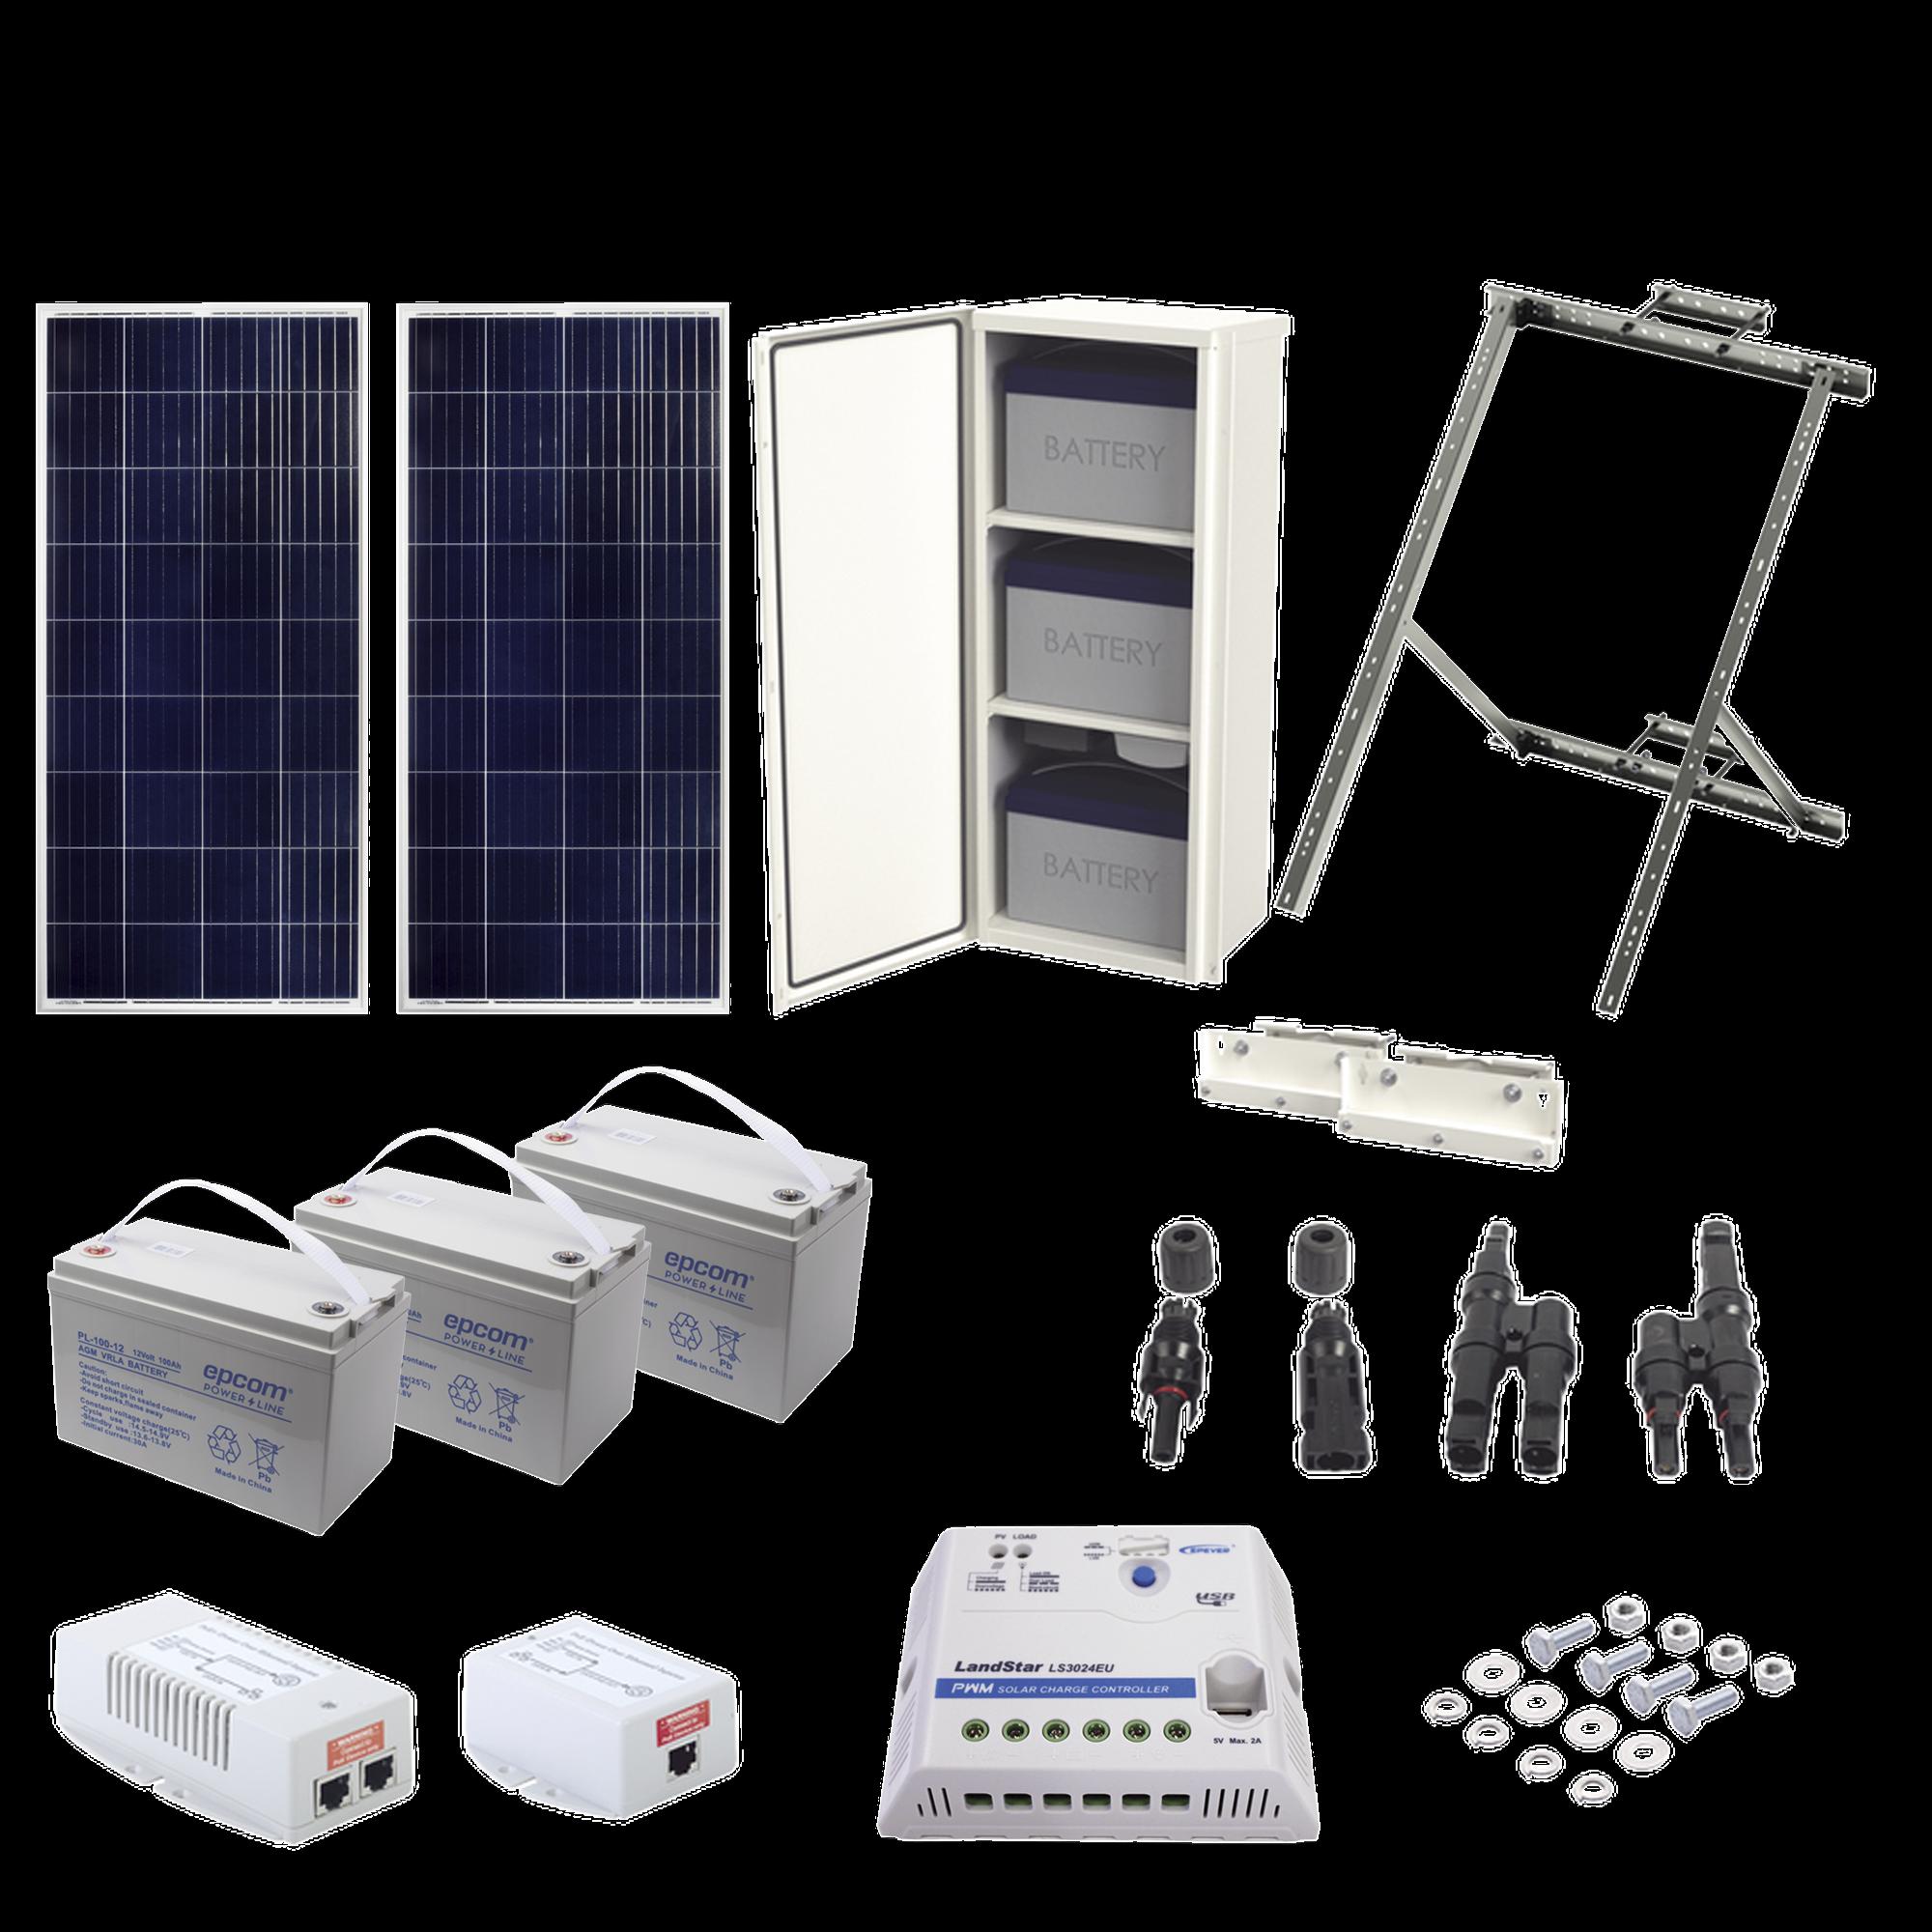 Kit Solar de 35 W con PoE 802.3af y PoE Pasivo 24 Vcd para una Cámara IP y un Radio Ubiquiti airMAX o Cambium ePMP.